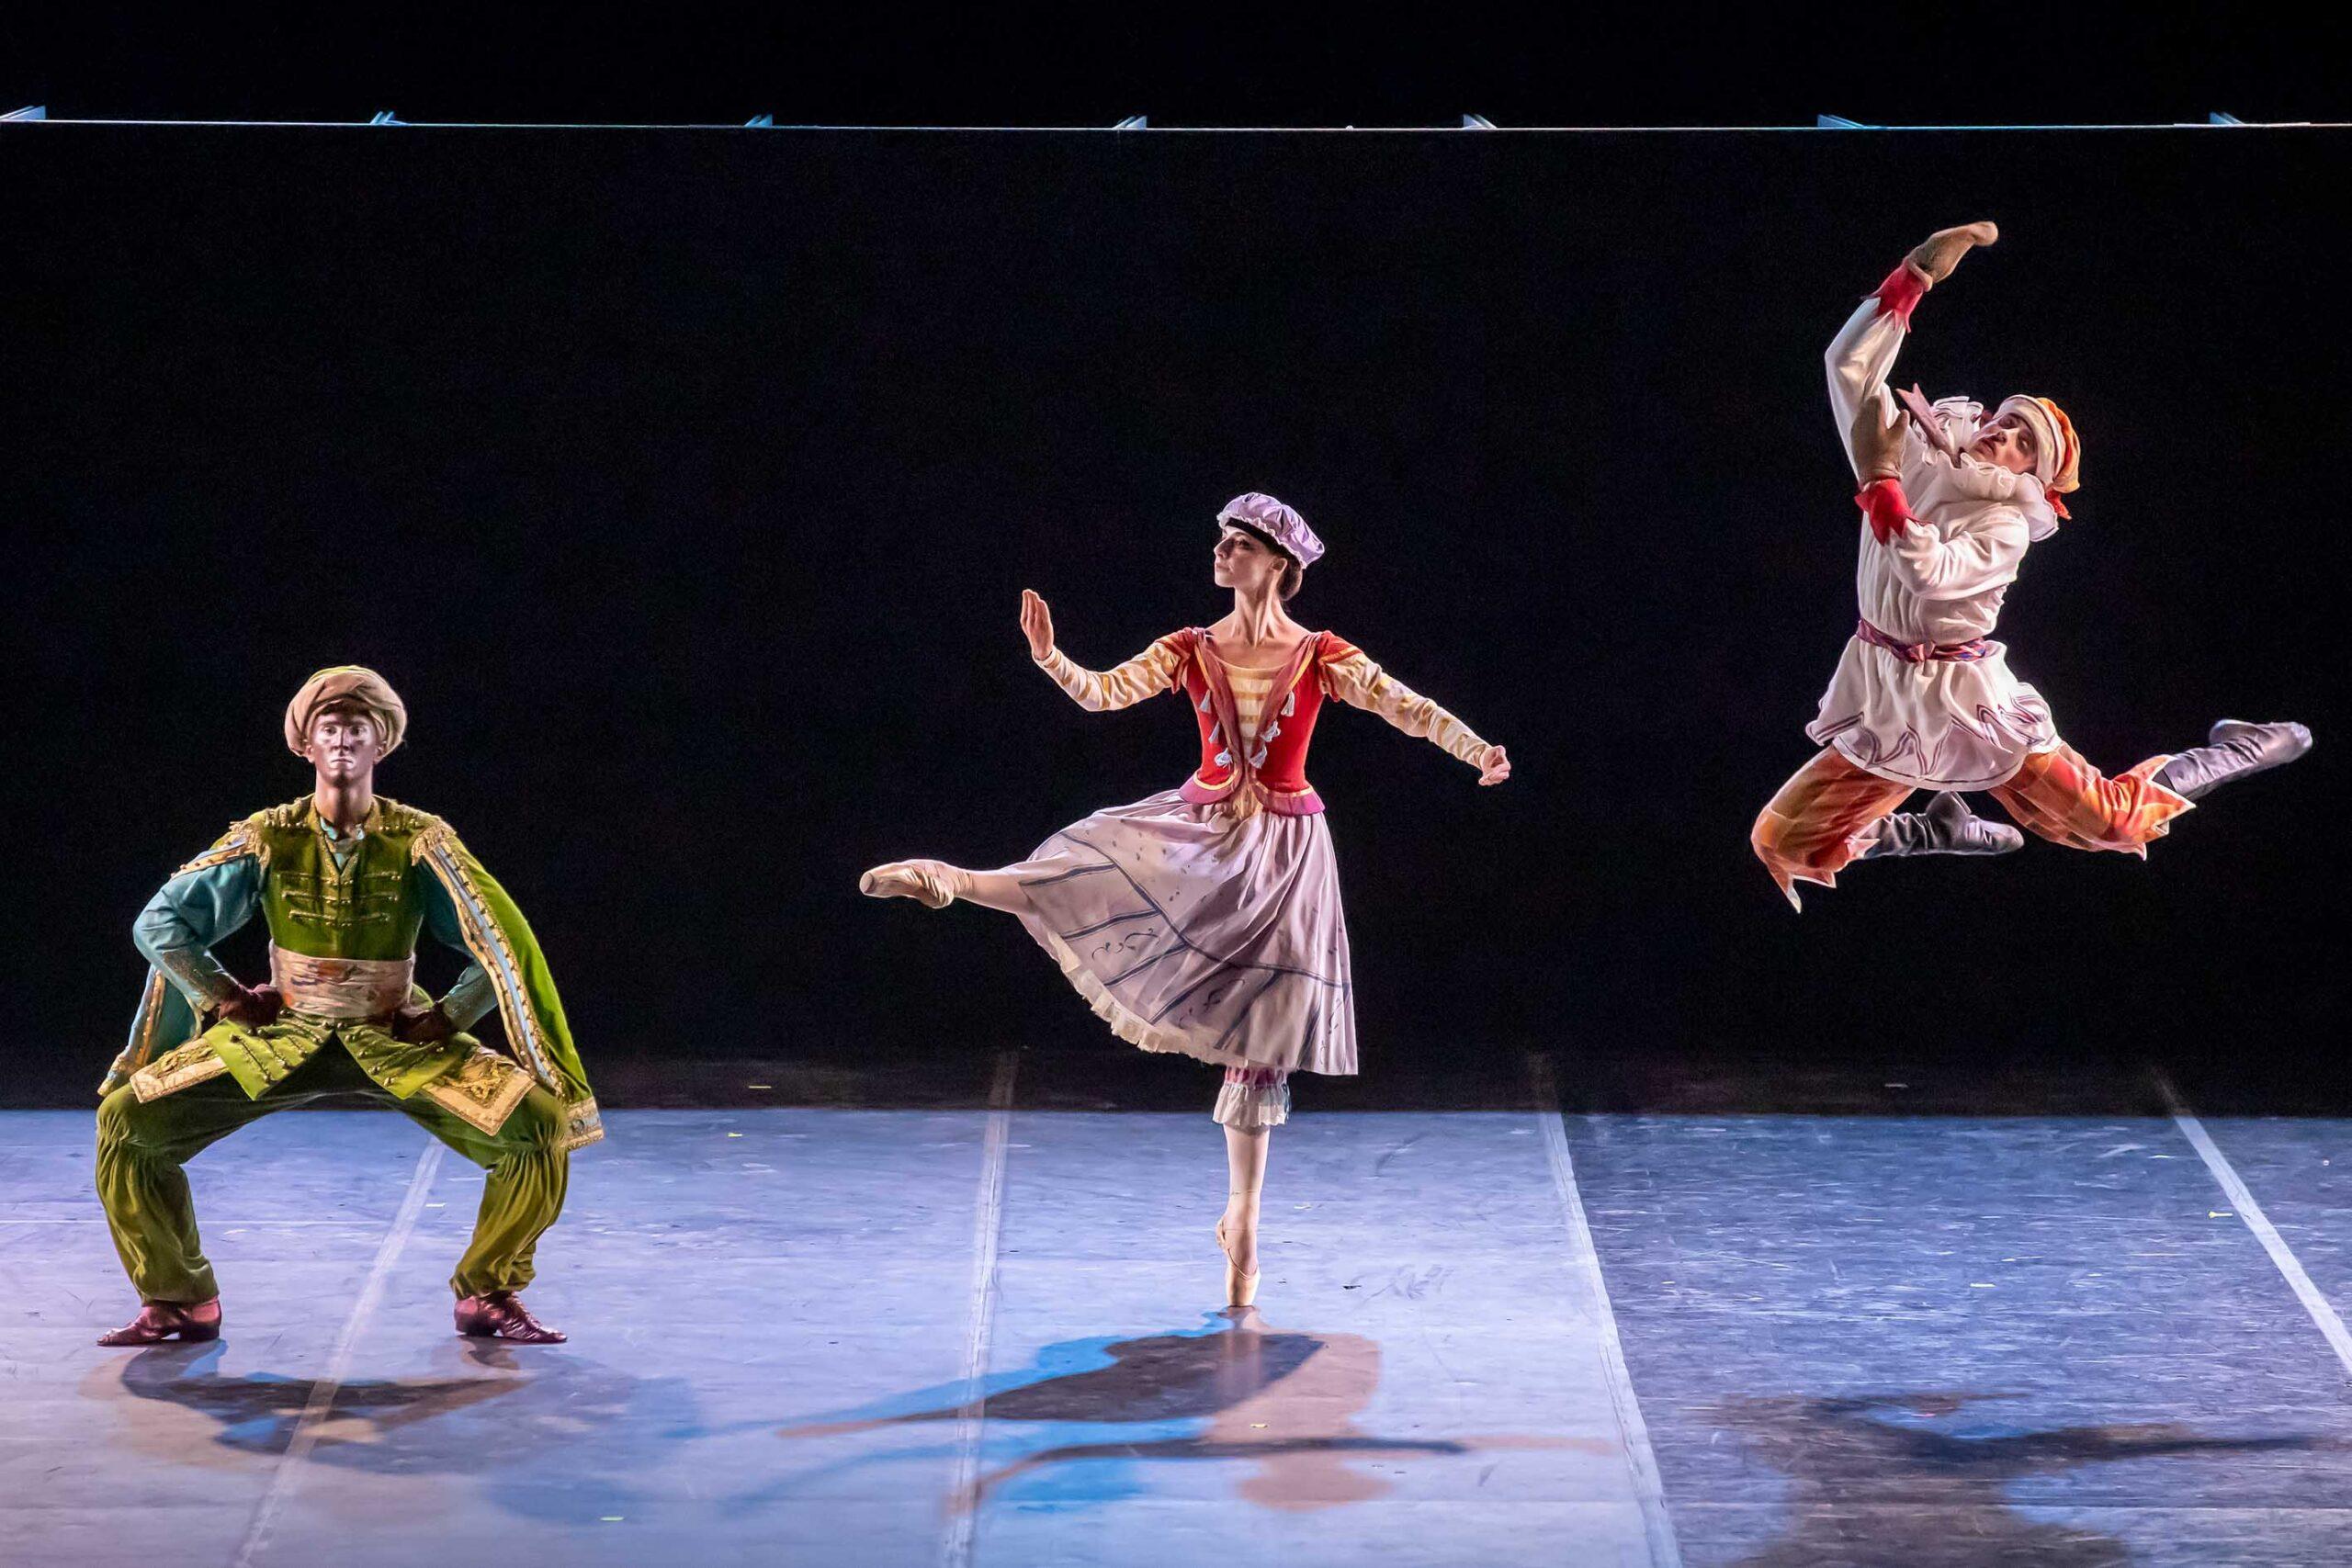 """A Pordenone si replica """"Stravinsky's Love"""" a cura di Daniele Cipriani con Beatrice Rana, Vladimir Derevianko e Sergio Bernal"""